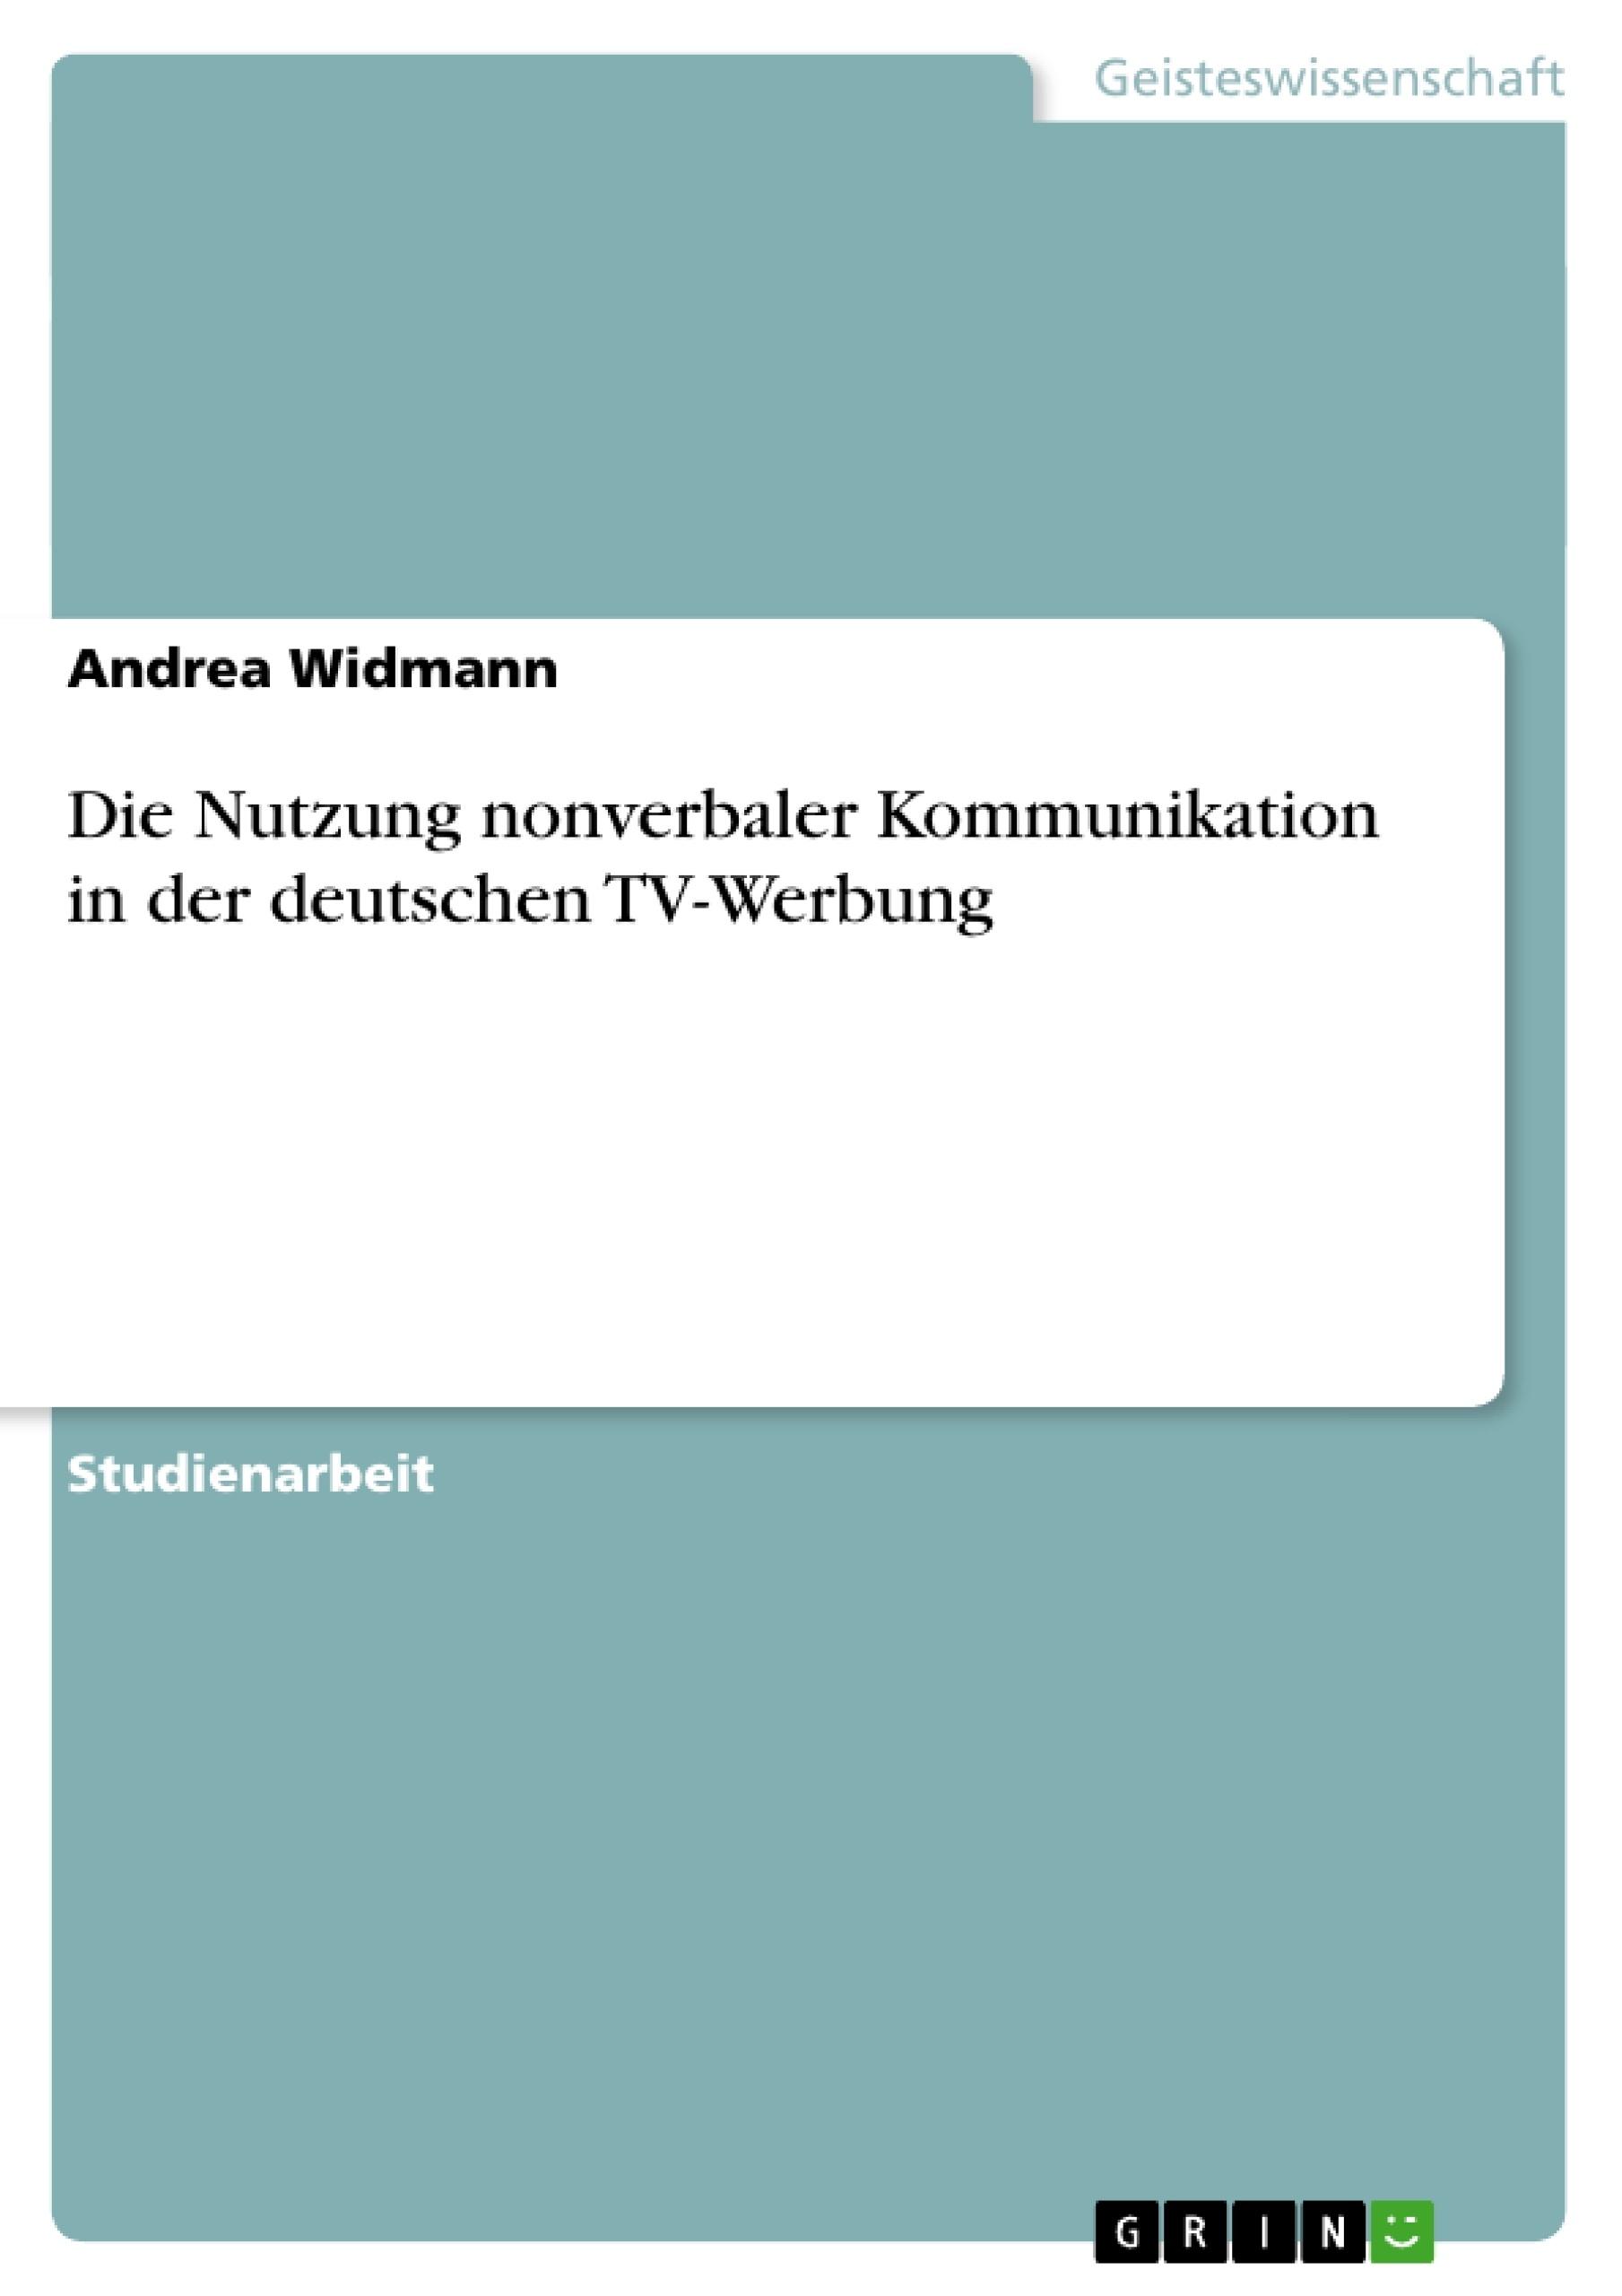 Titel: Die Nutzung nonverbaler Kommunikation in der deutschen TV-Werbung